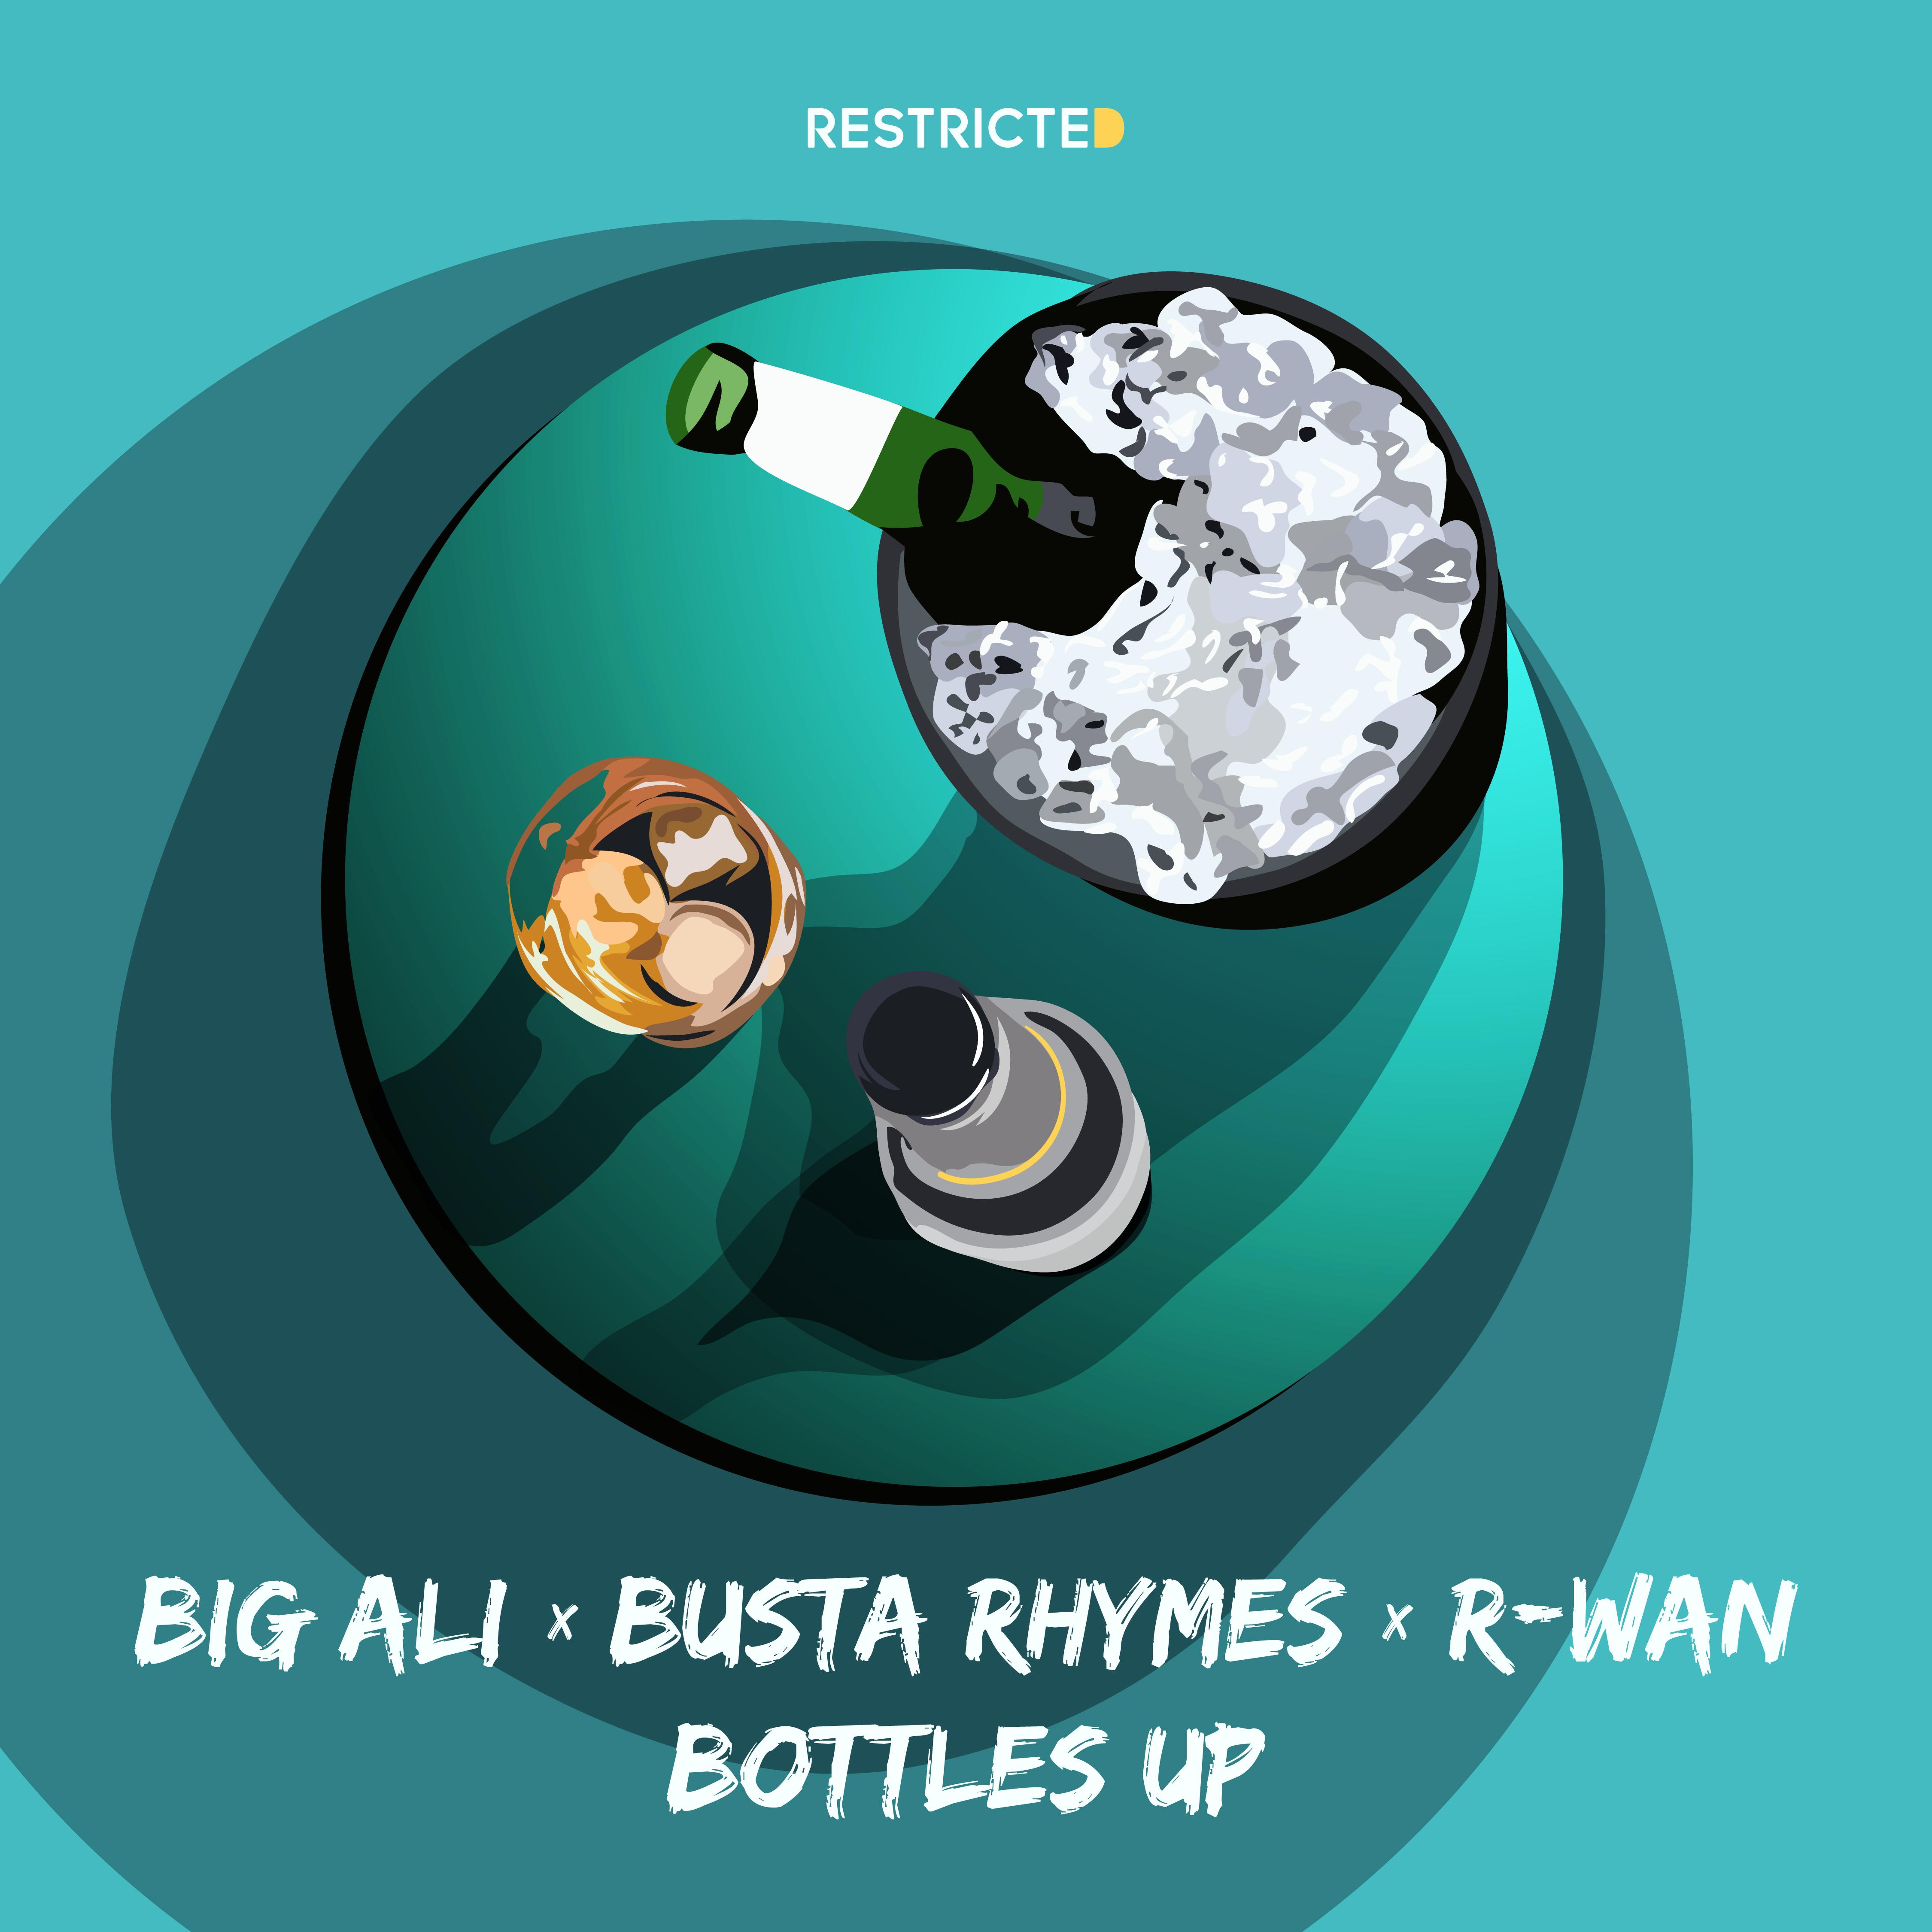 big_ali_x_busta_rhymes_x_r-wan_-_bottles_up_restriced.jpg